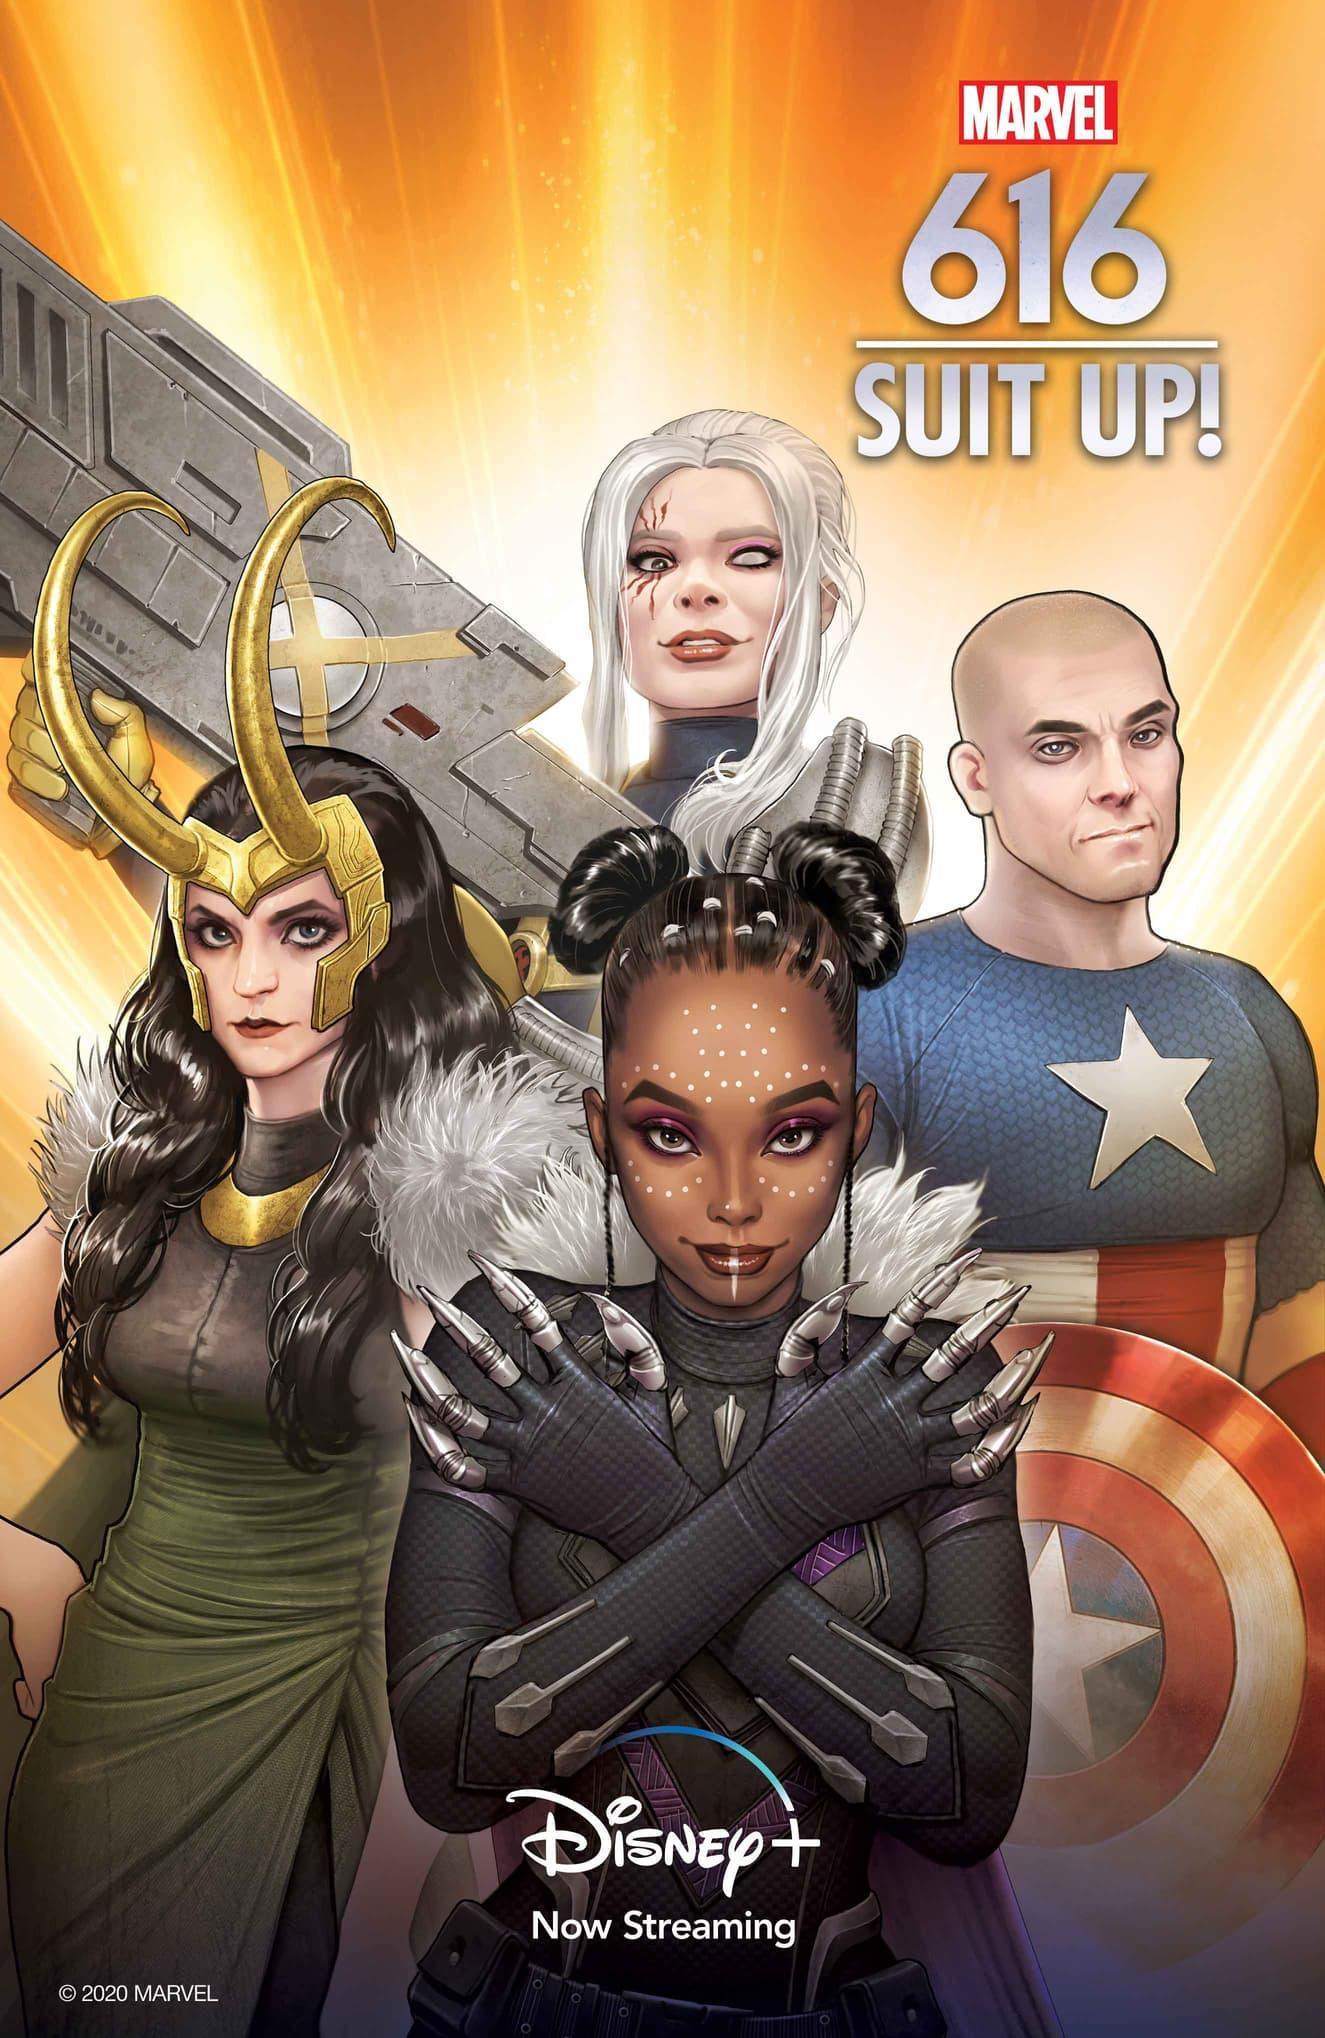 Marvel's 616 Suit Up